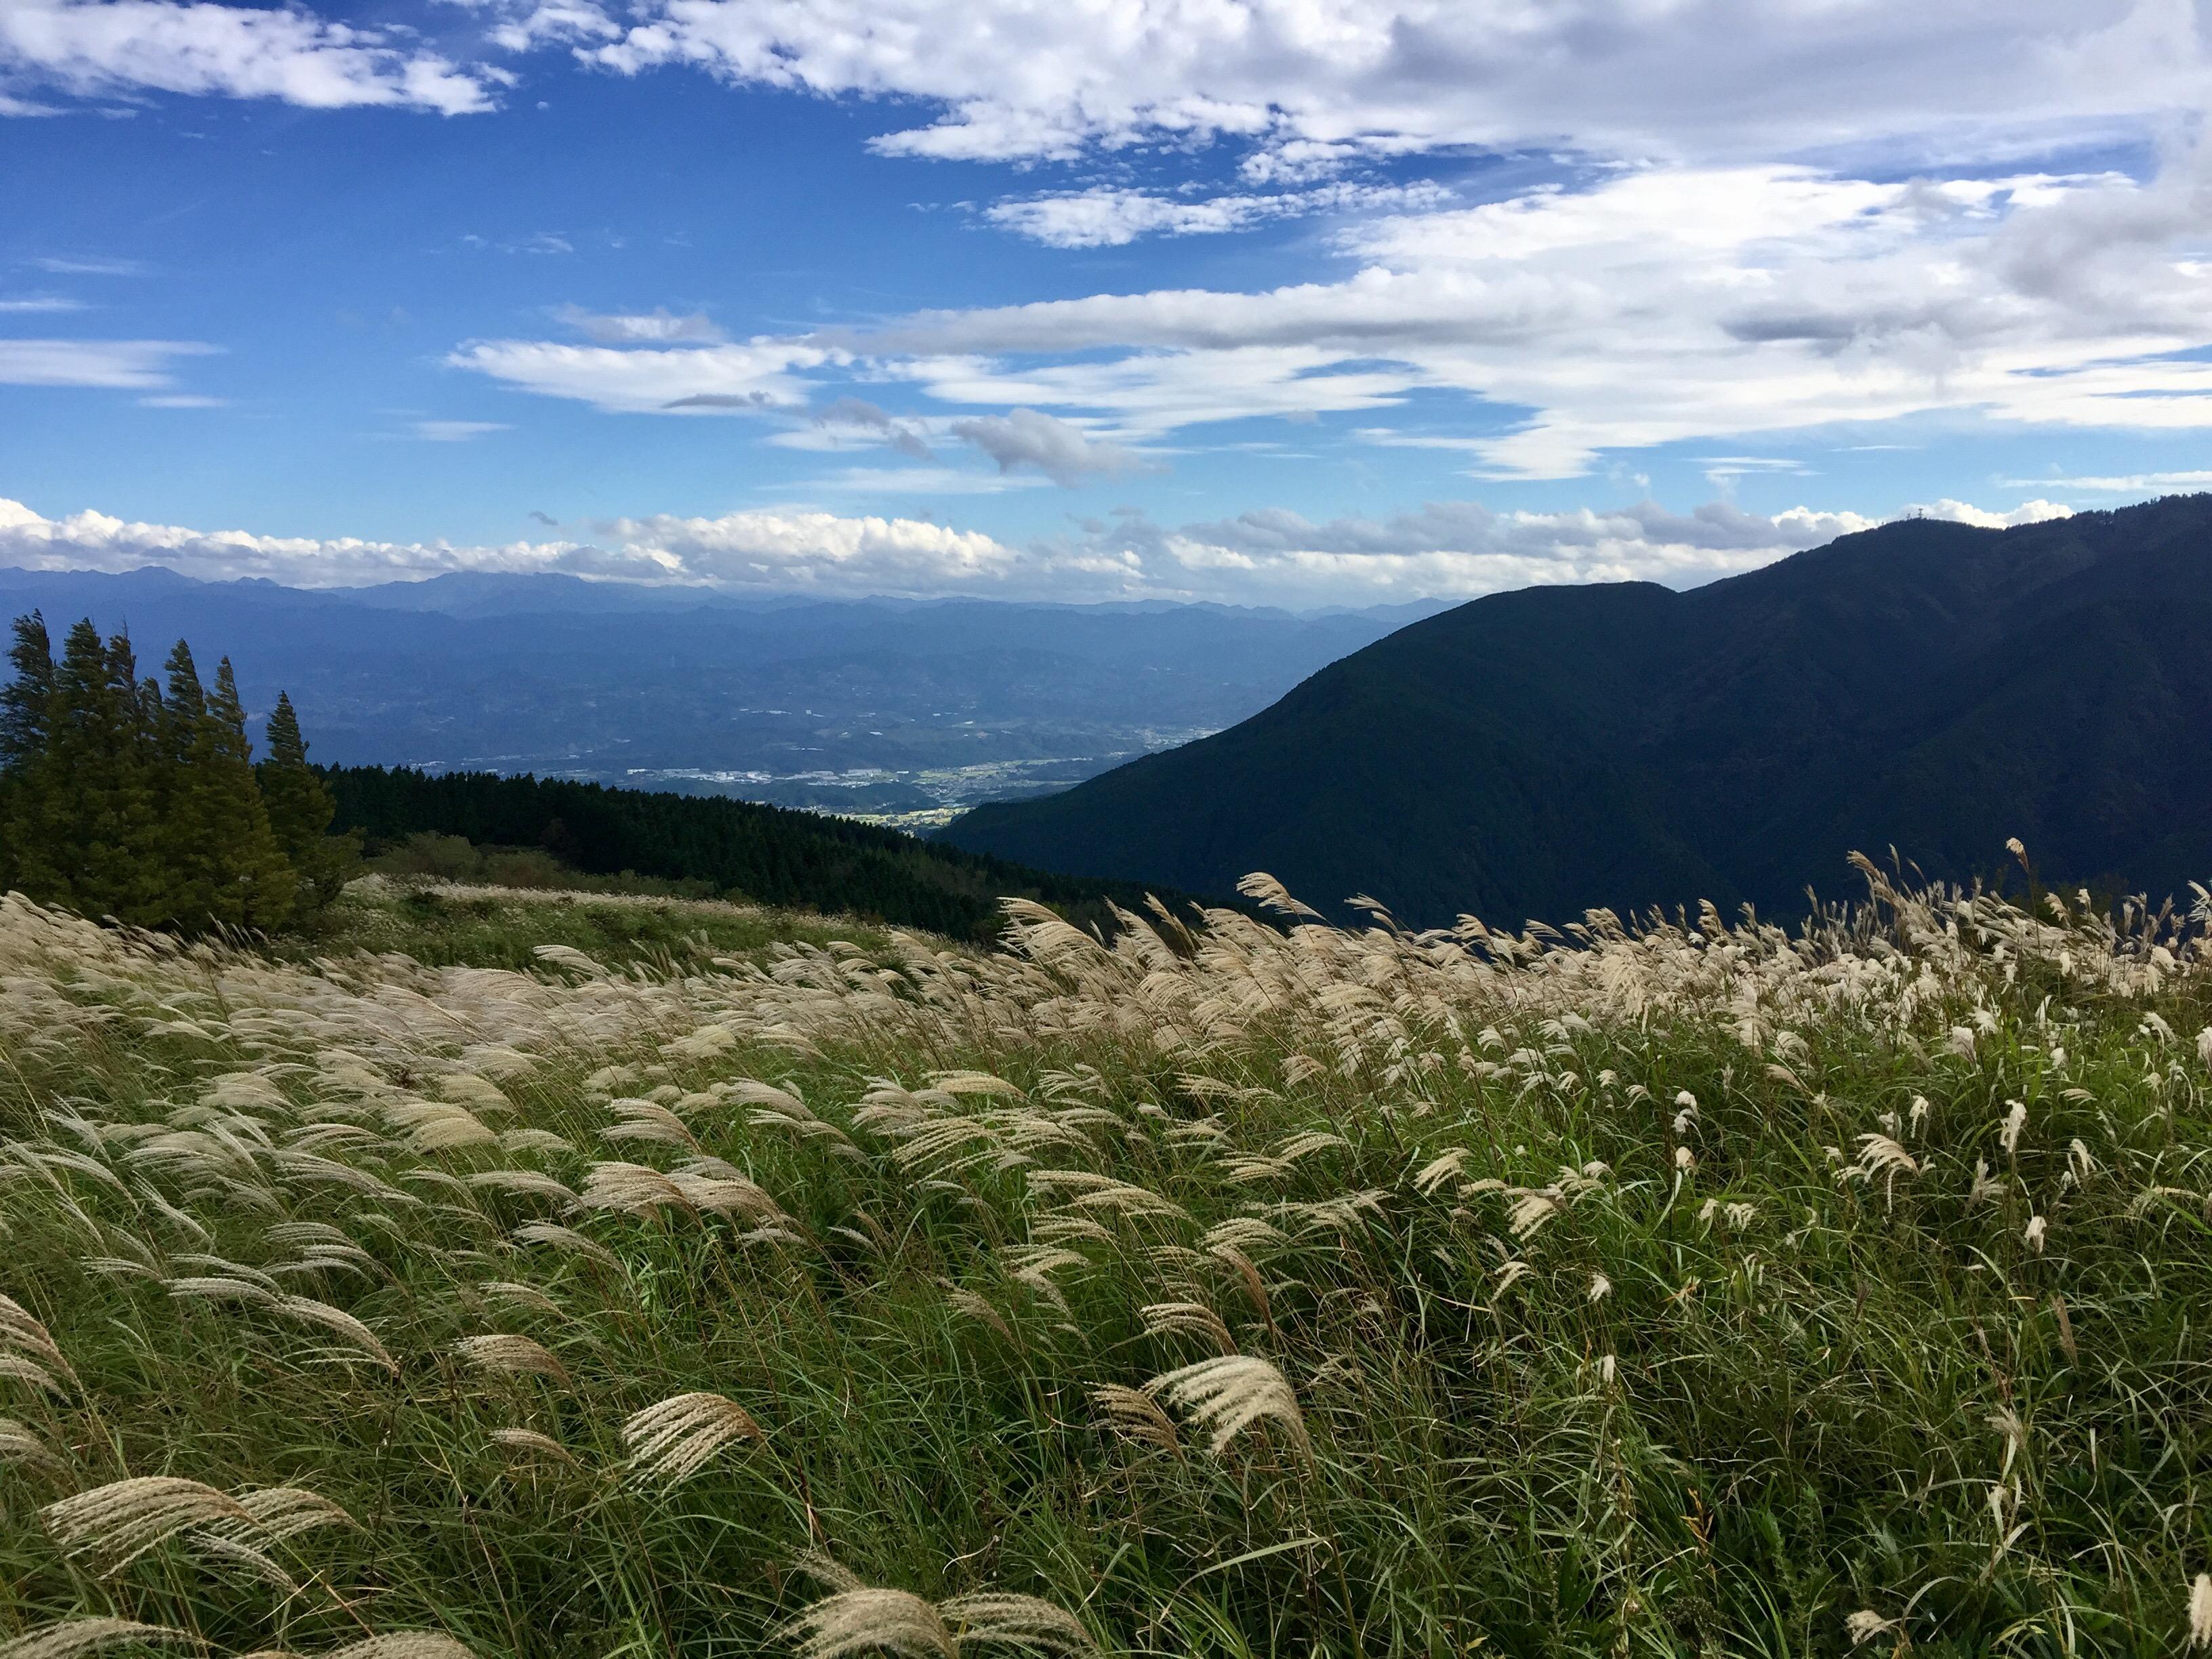 大阪平野と奈良盆地を見渡すことができます。